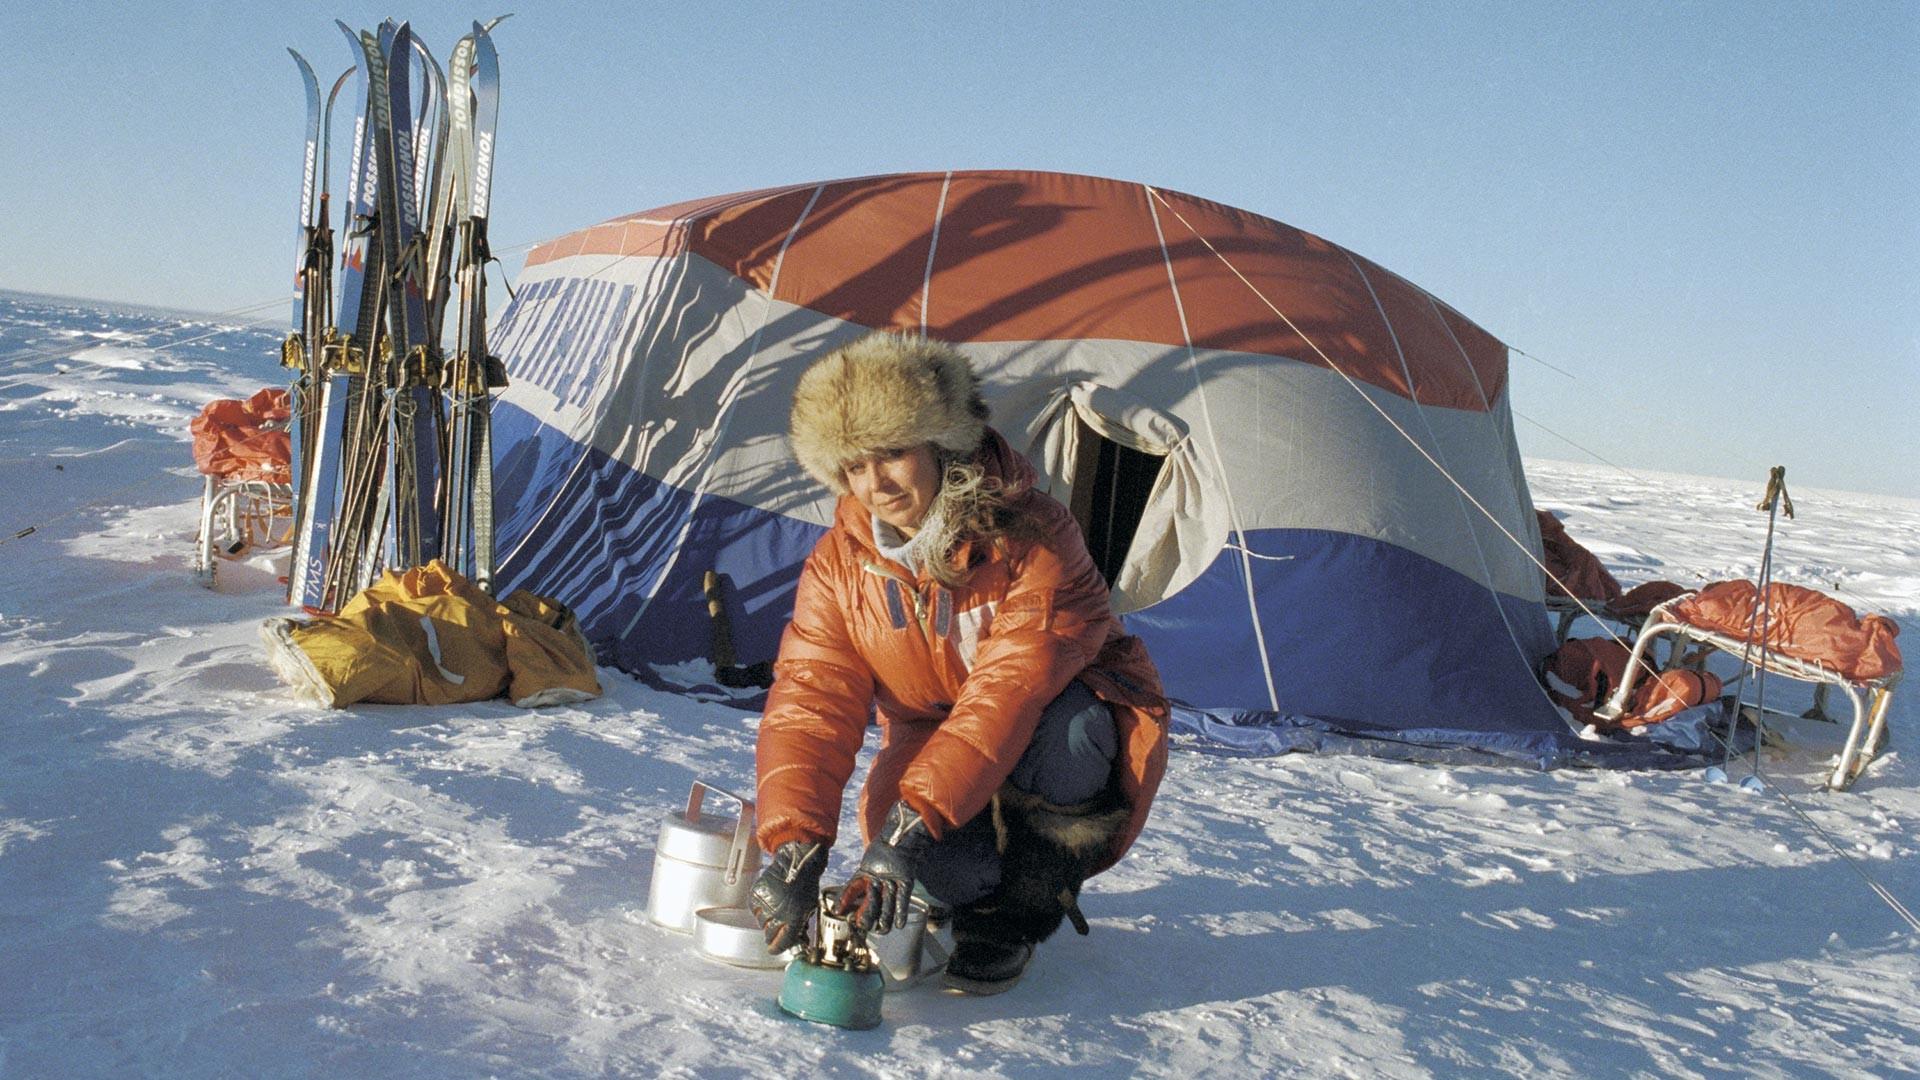 Una ragazza del team Metelitsa durante una spedizione